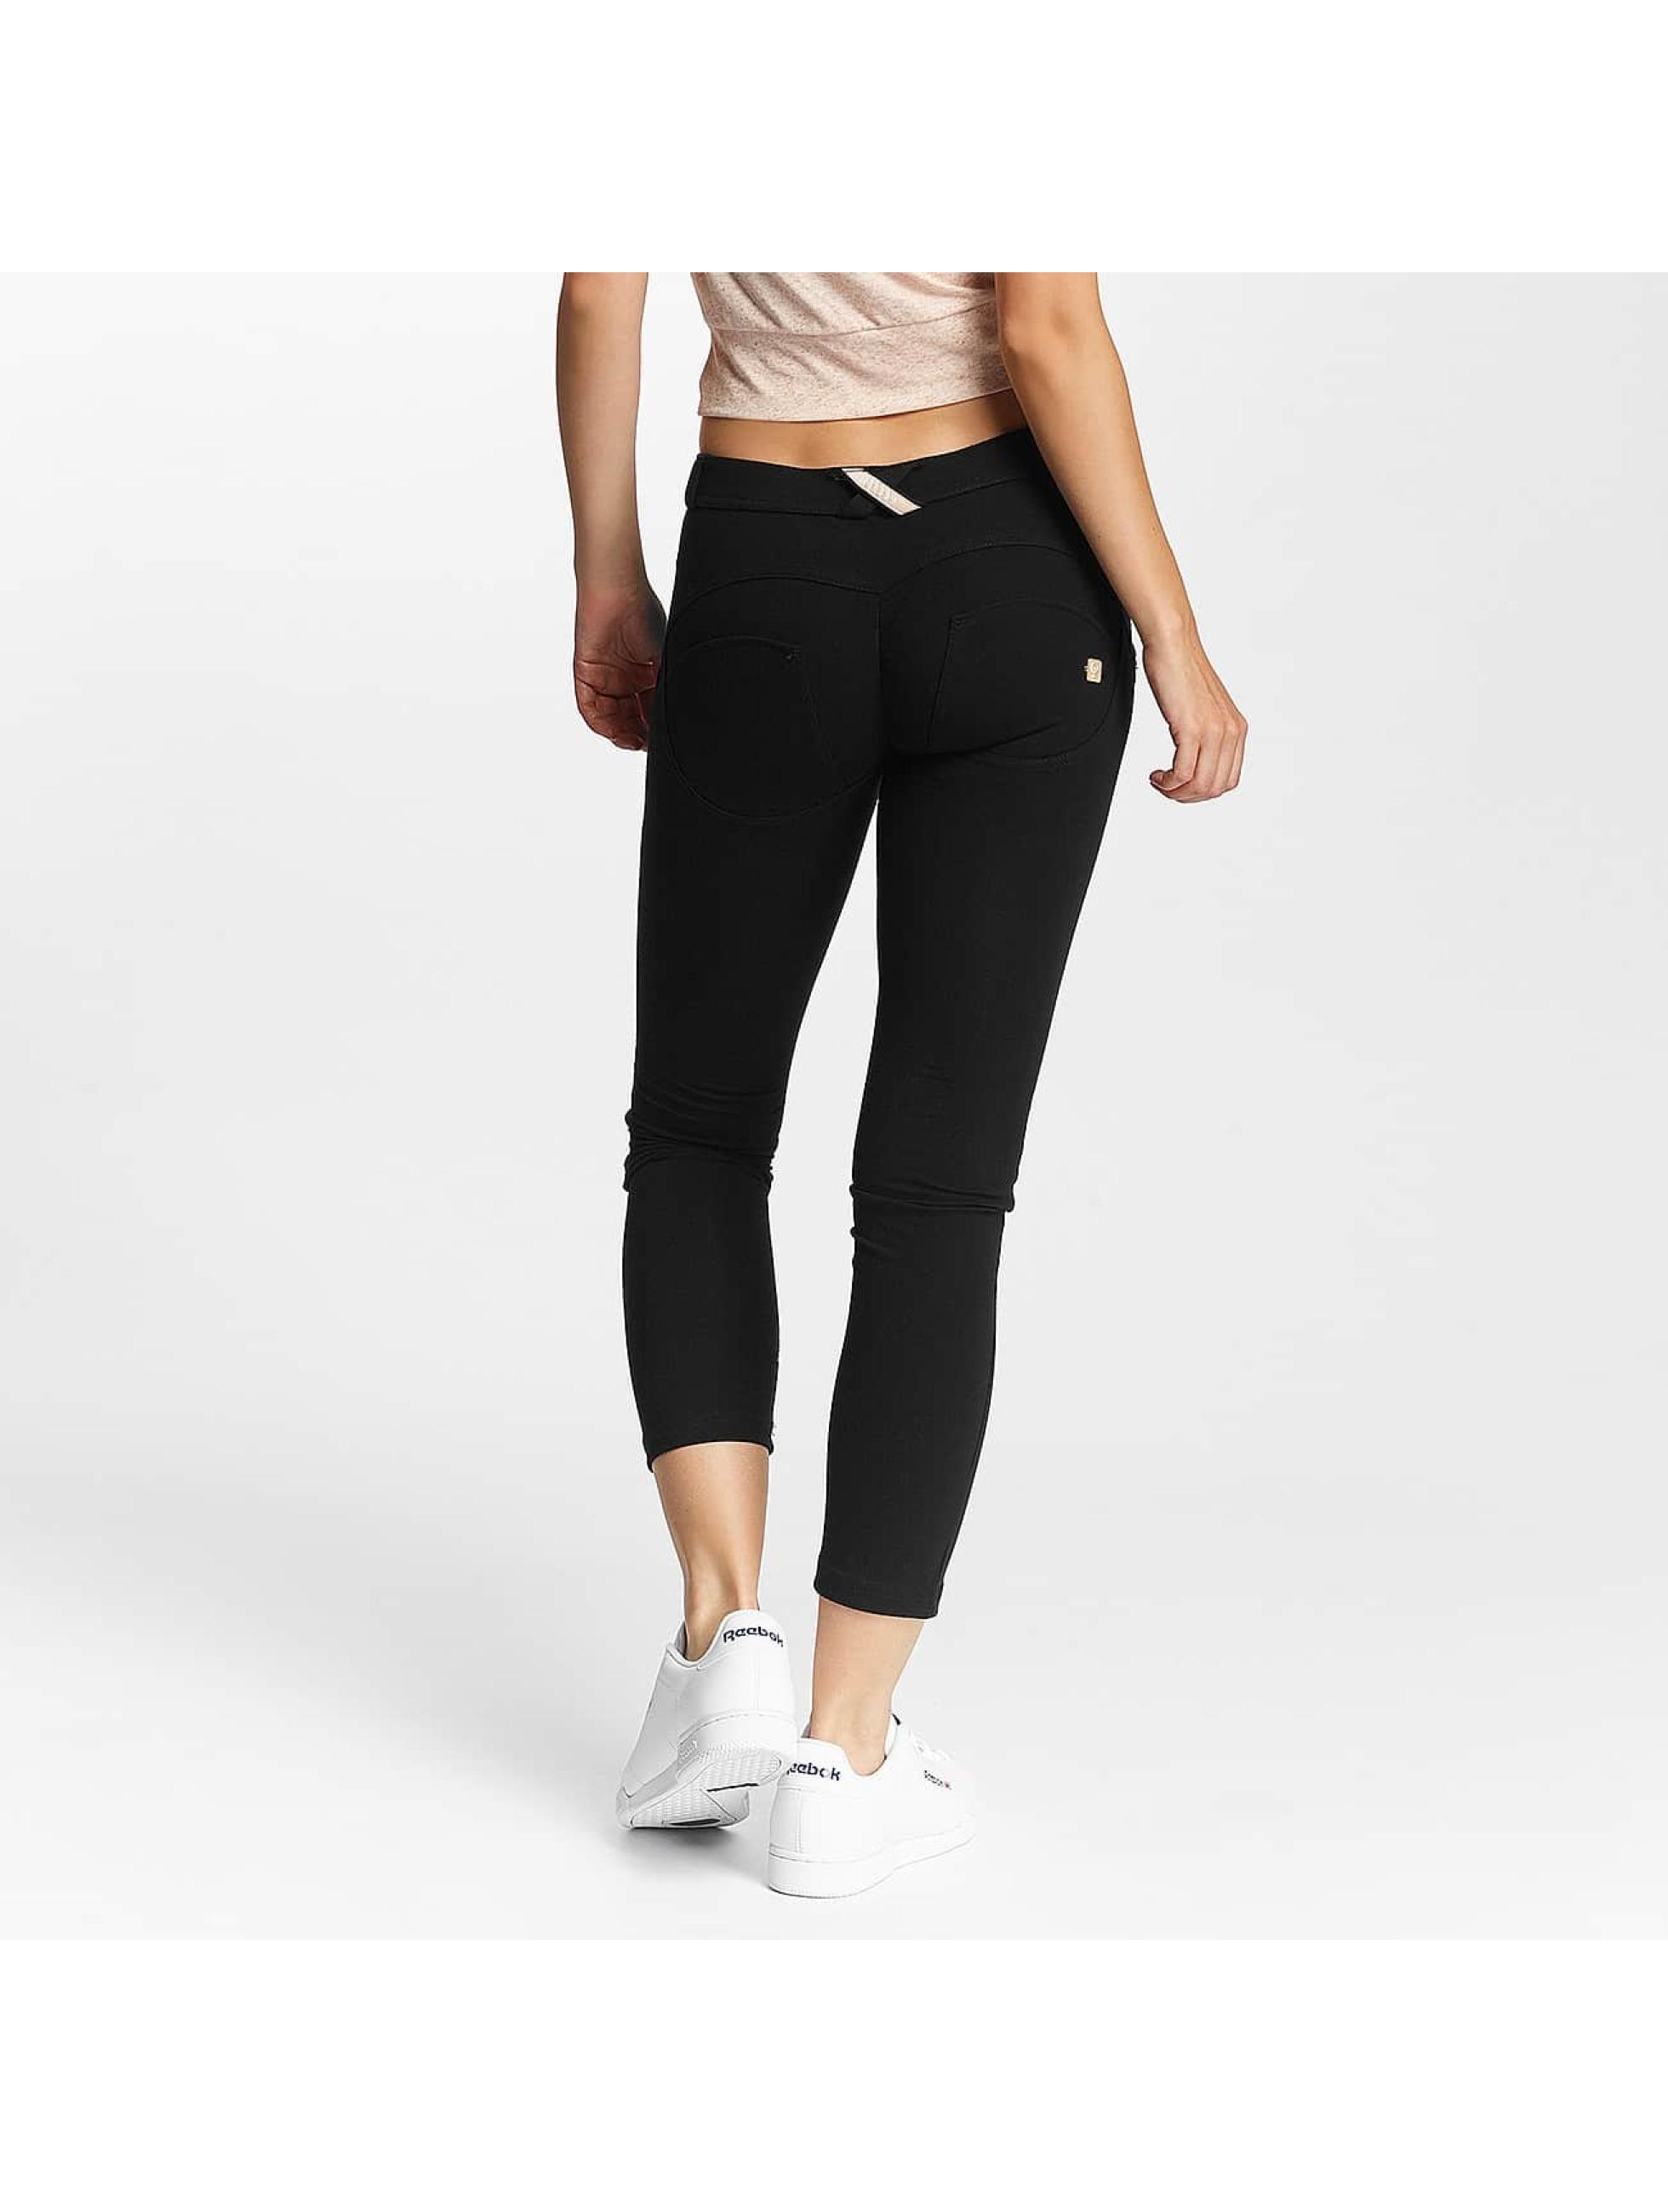 Freddy Облегающие джинсы 7/8 Regular Waist черный